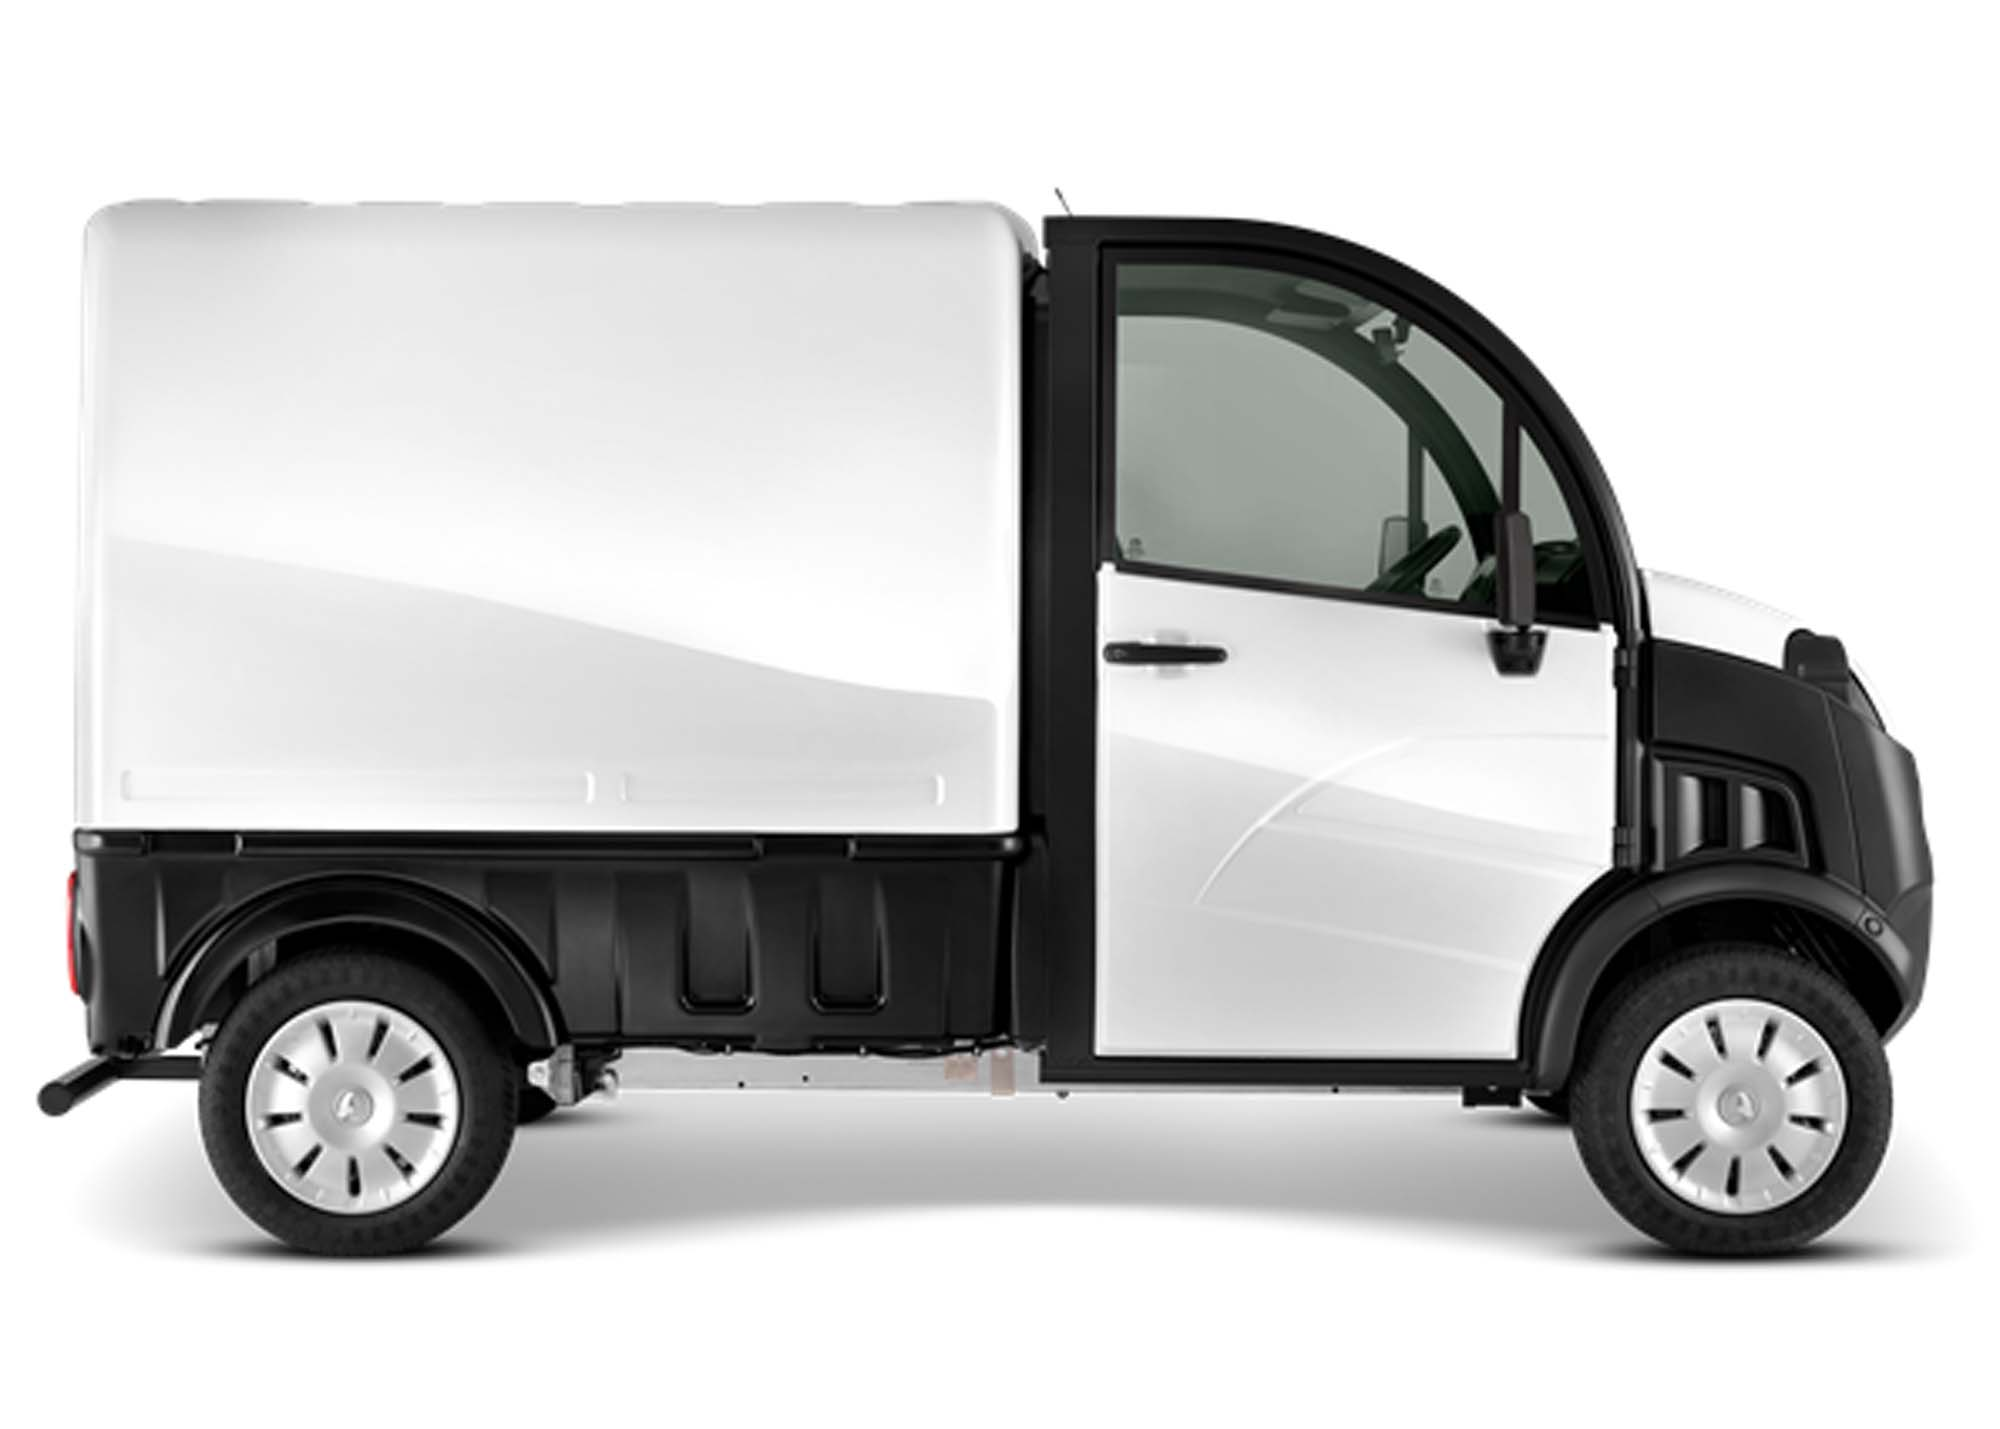 gebrauchte aixam d truck 400 van motorr der kaufen. Black Bedroom Furniture Sets. Home Design Ideas